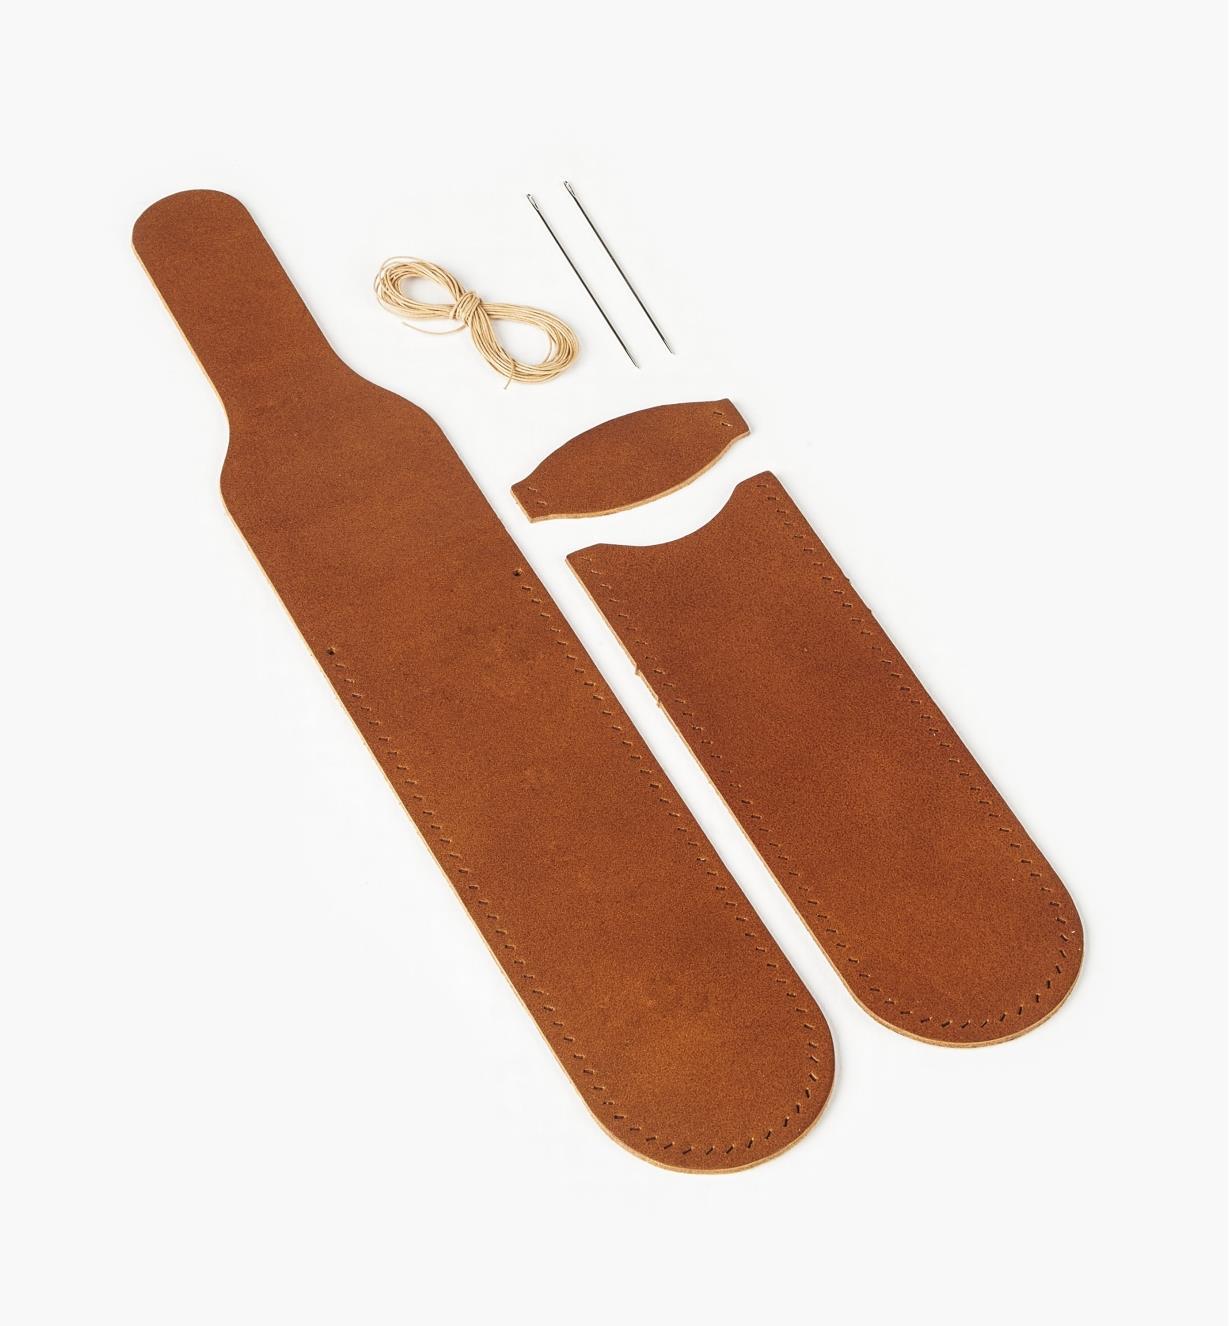 09A1067 - Étui porte-stylo à confectionner de première qualité